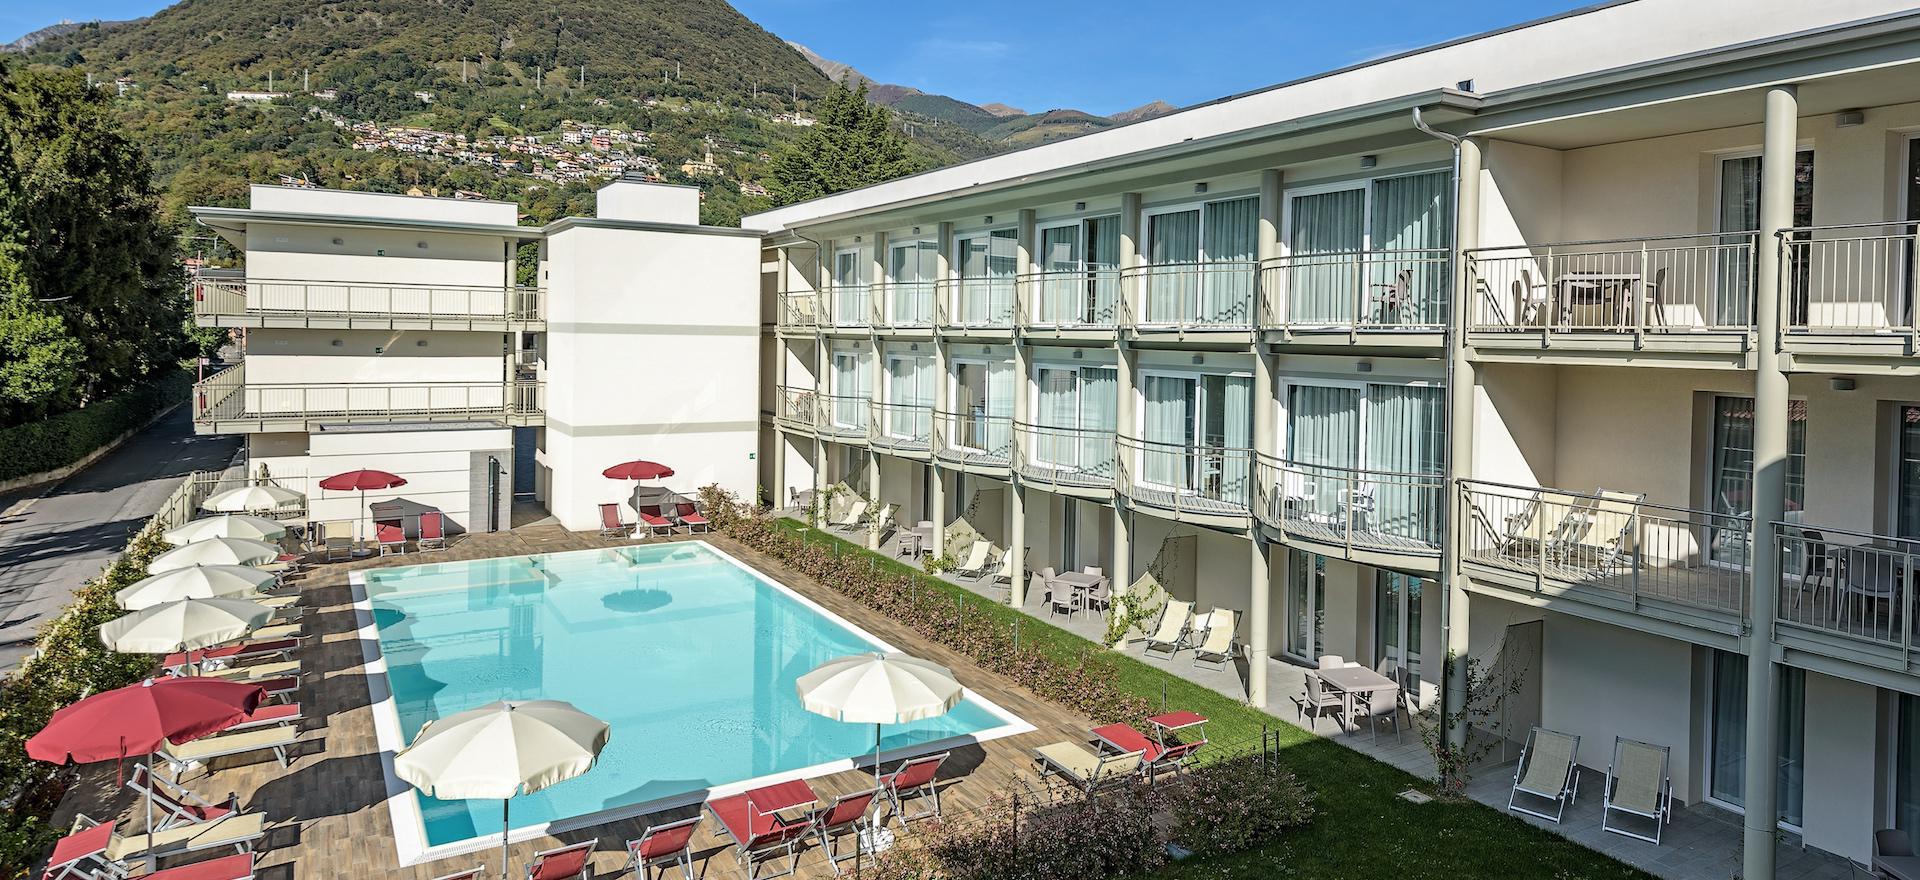 Agriturismo Lago di Como e lago di Garda Hotel vicino alle spiagge di ciottoli del Lago di Como